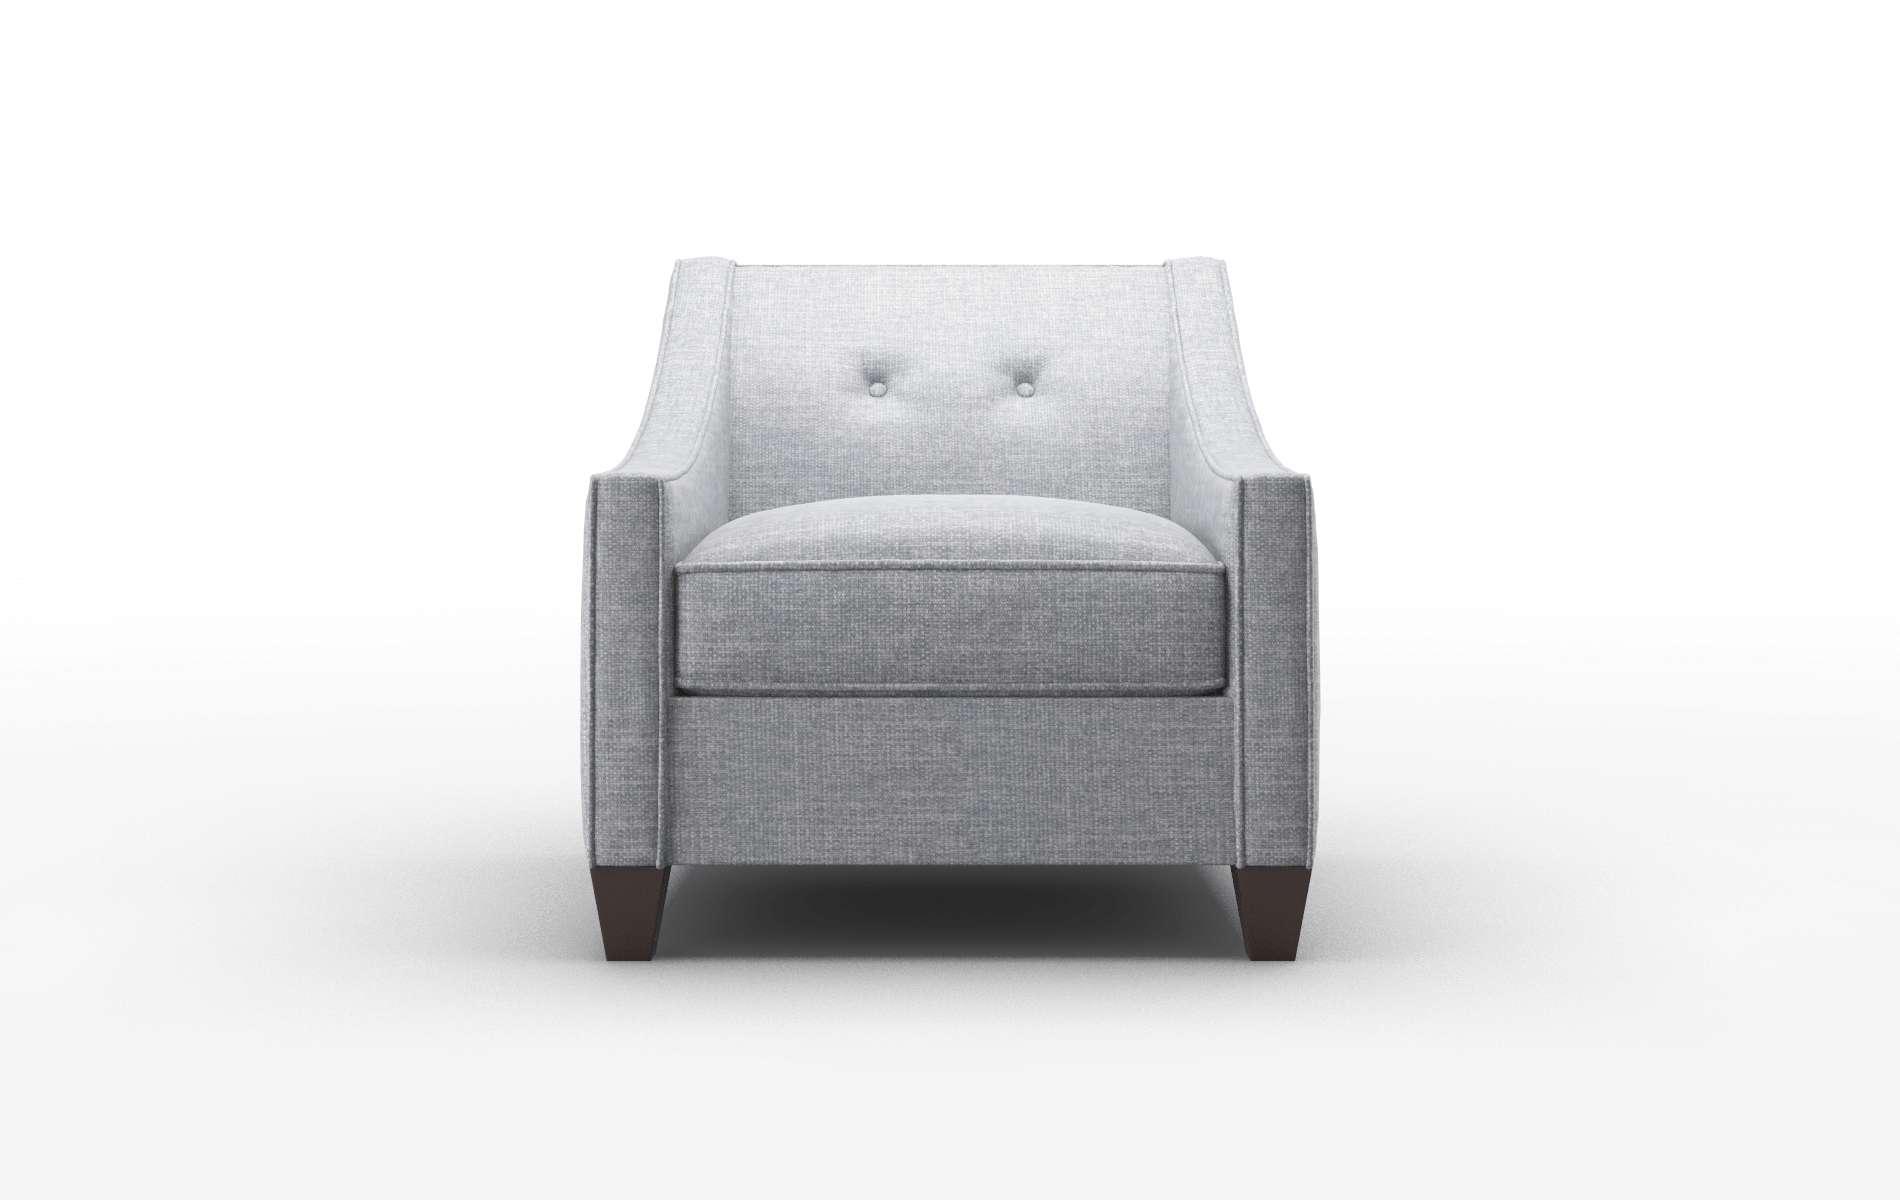 Berlin Keylargo Ash Chair espresso legs 1